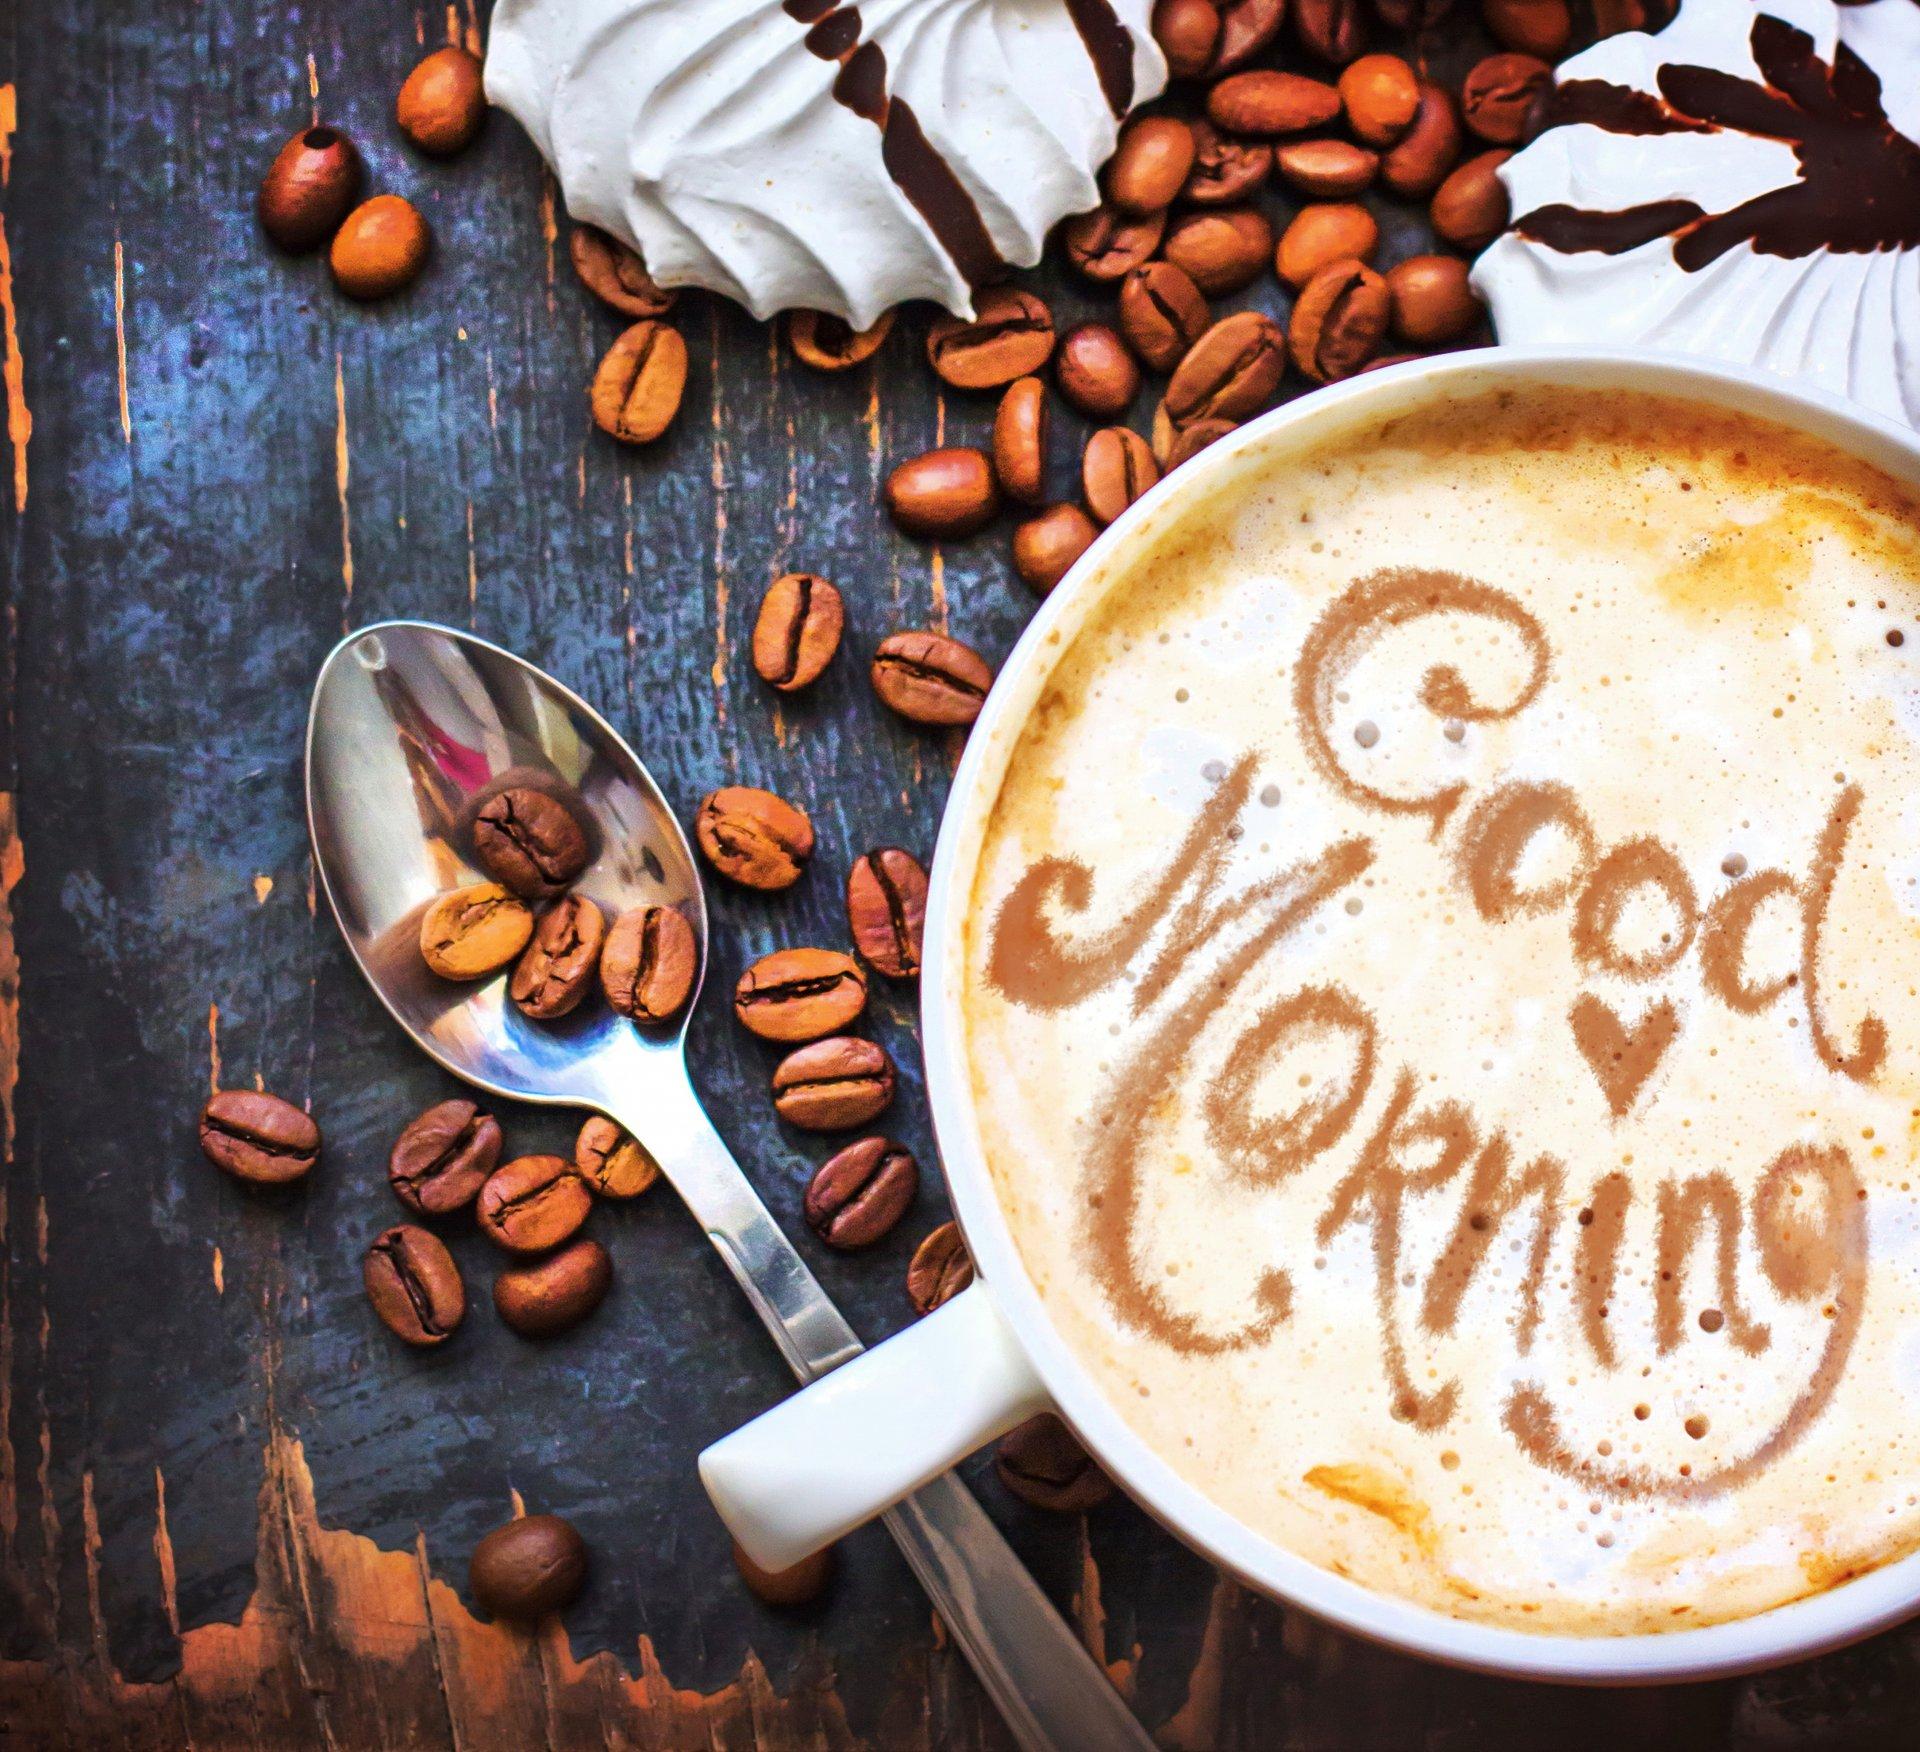 справедливо решили, картинки с кофейной тематикой доброе утро побольше узнаем важном